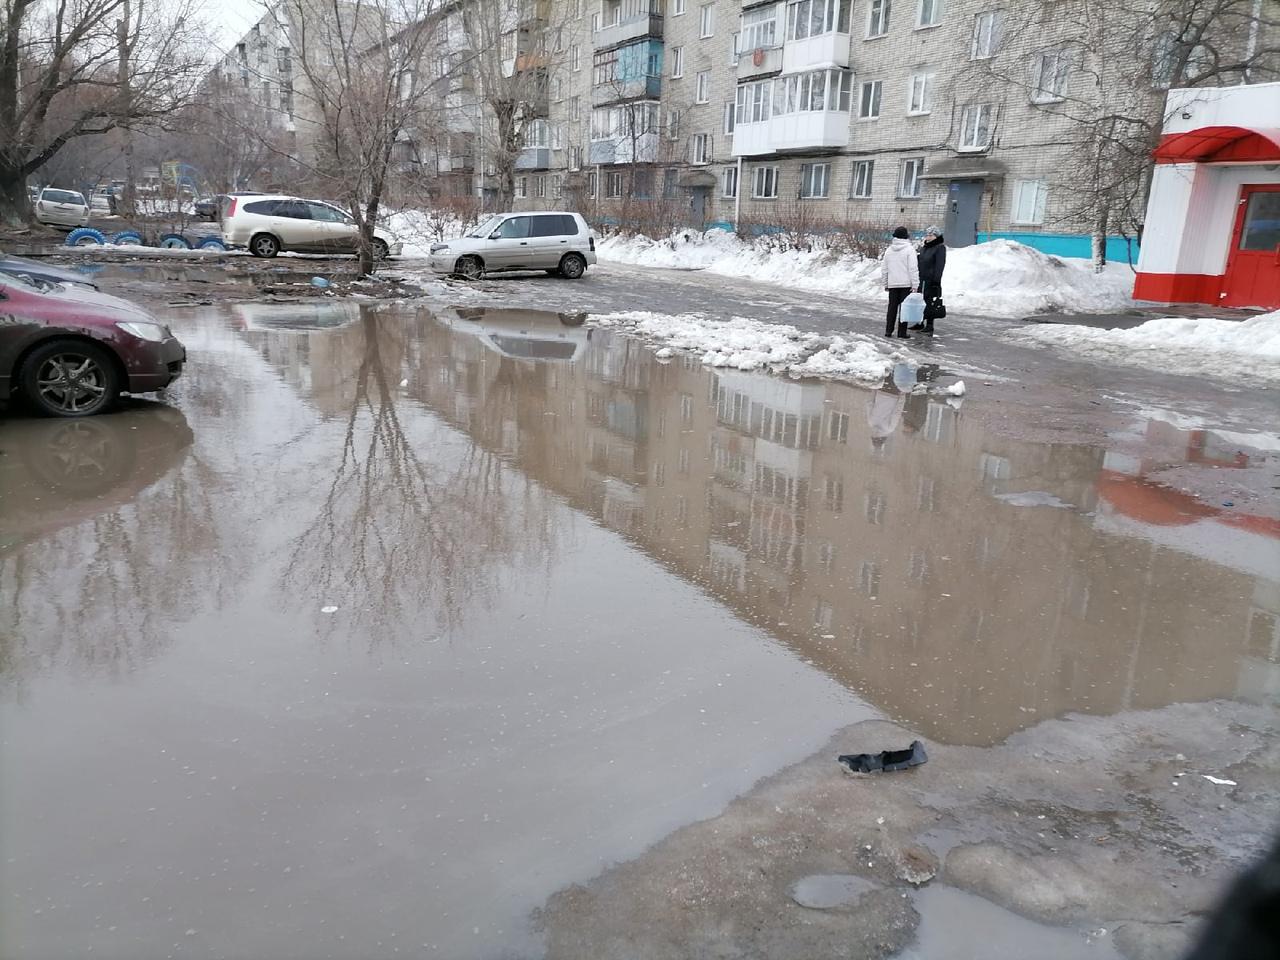 Фадина получила представление прокуратуры за ситуацию с паводком в Омске #Омск #Общество #Сегодня